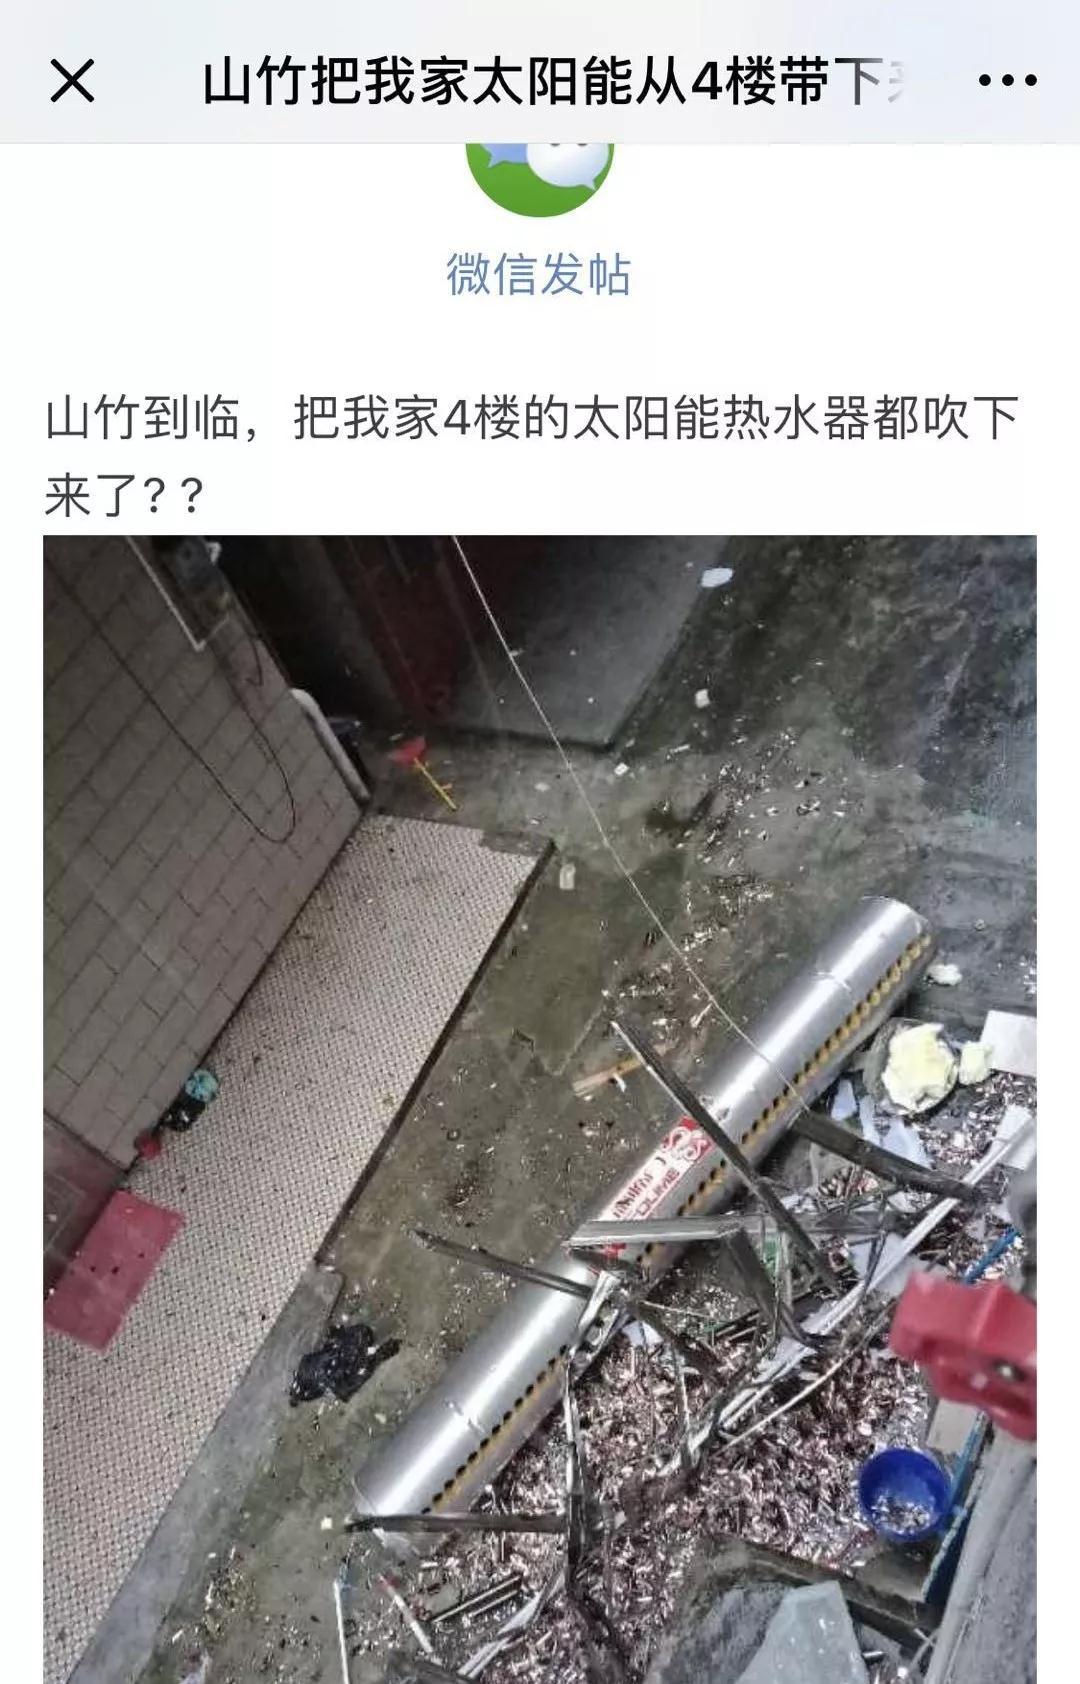 台风天太阳能热水器损失严重